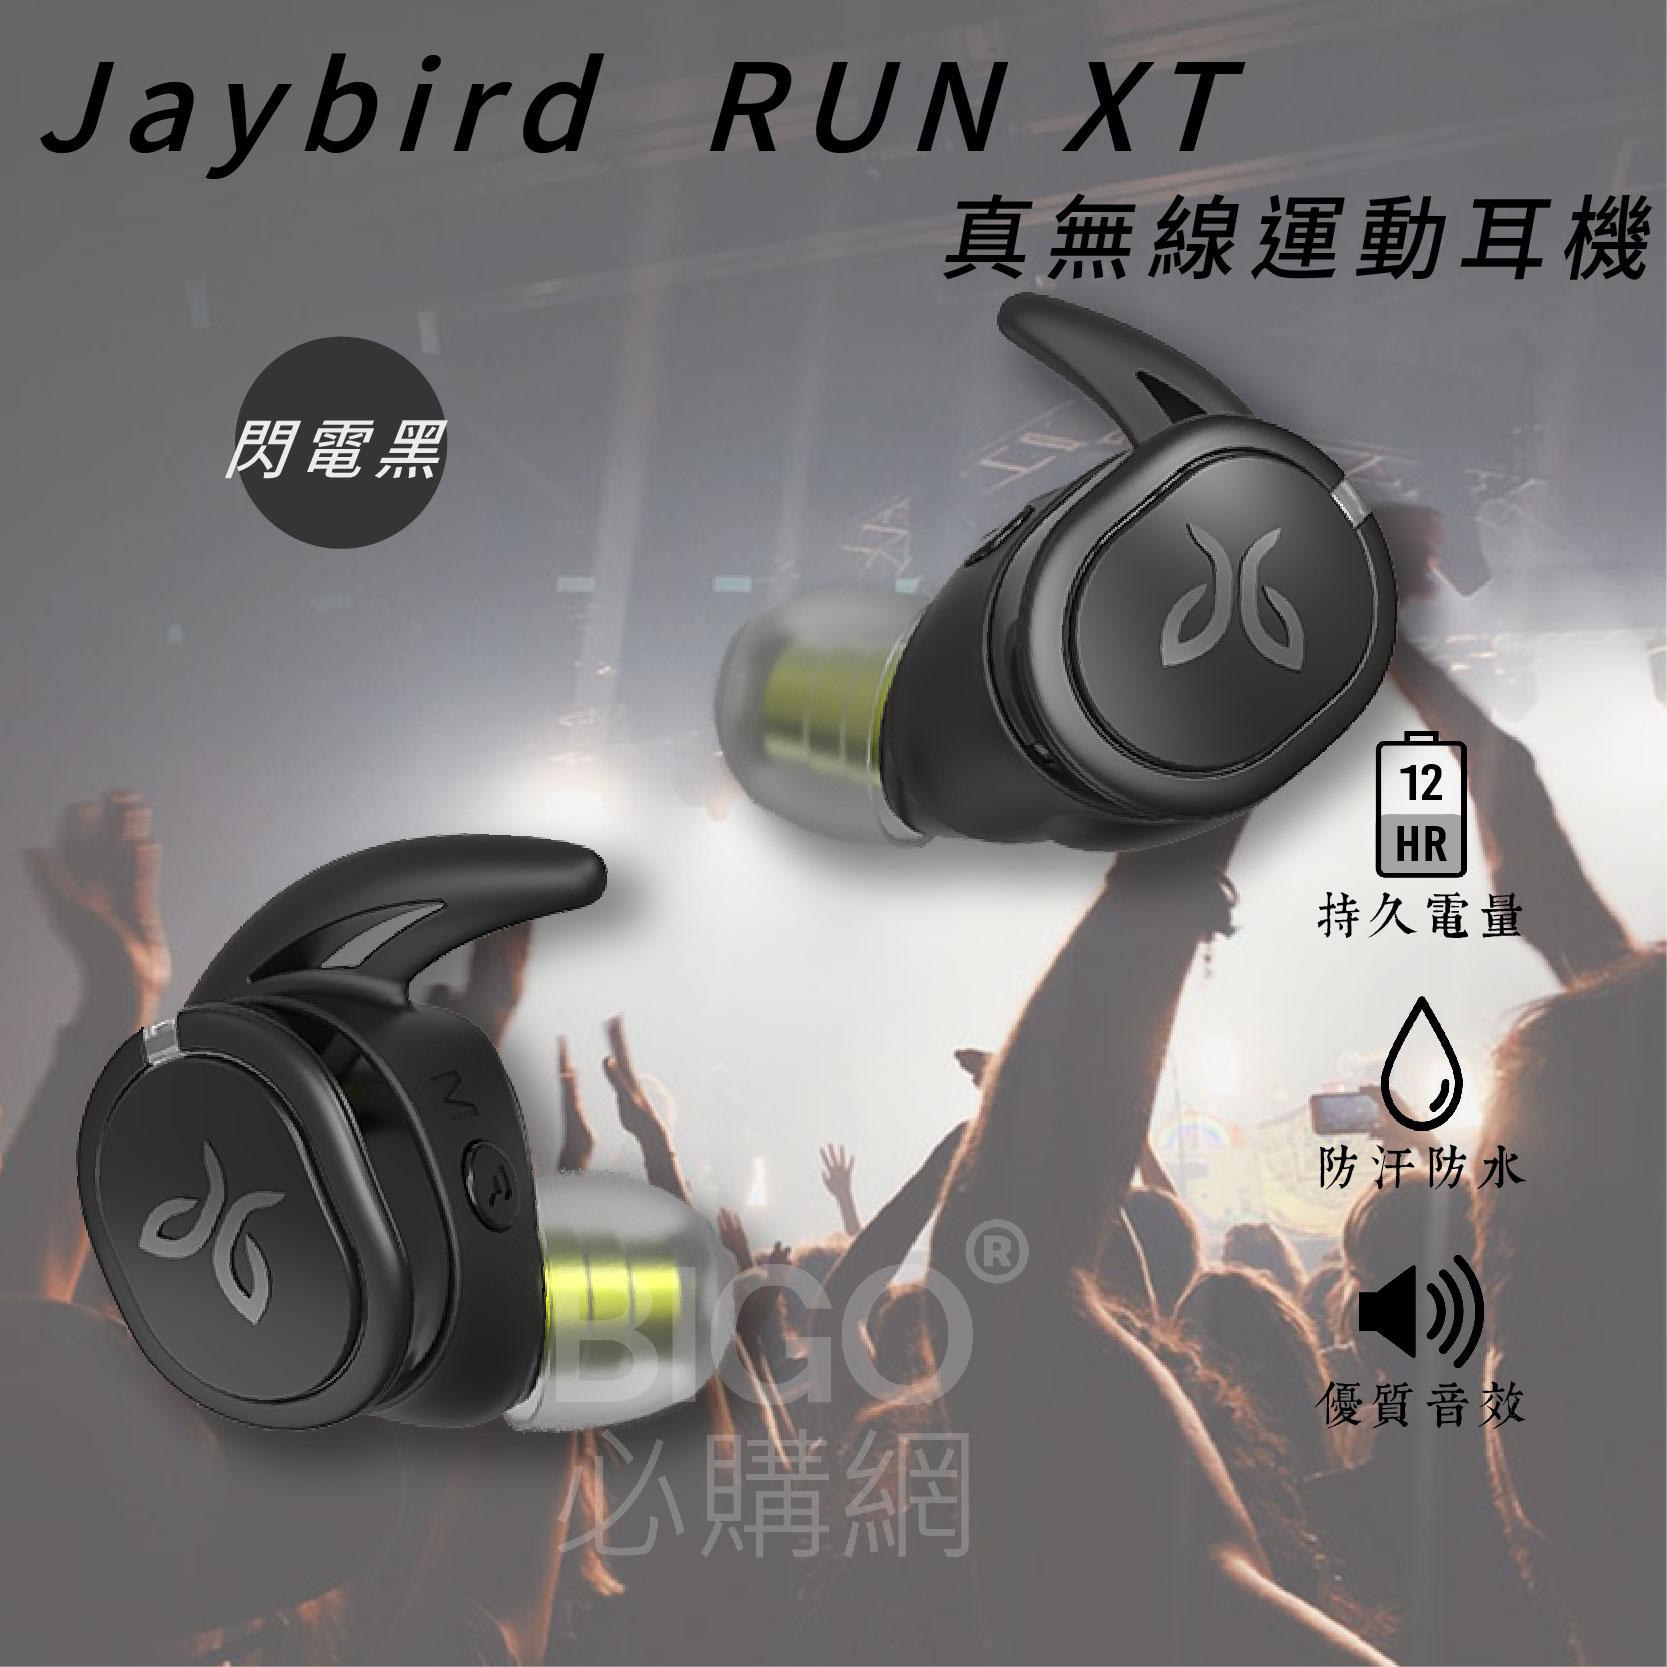 音質推薦🔊美國Jaybird真無線藍芽耳機 RUN XT 閃電黑 防水防汗 運動耳機 慢跑 藍芽連接 可通話 自訂音效